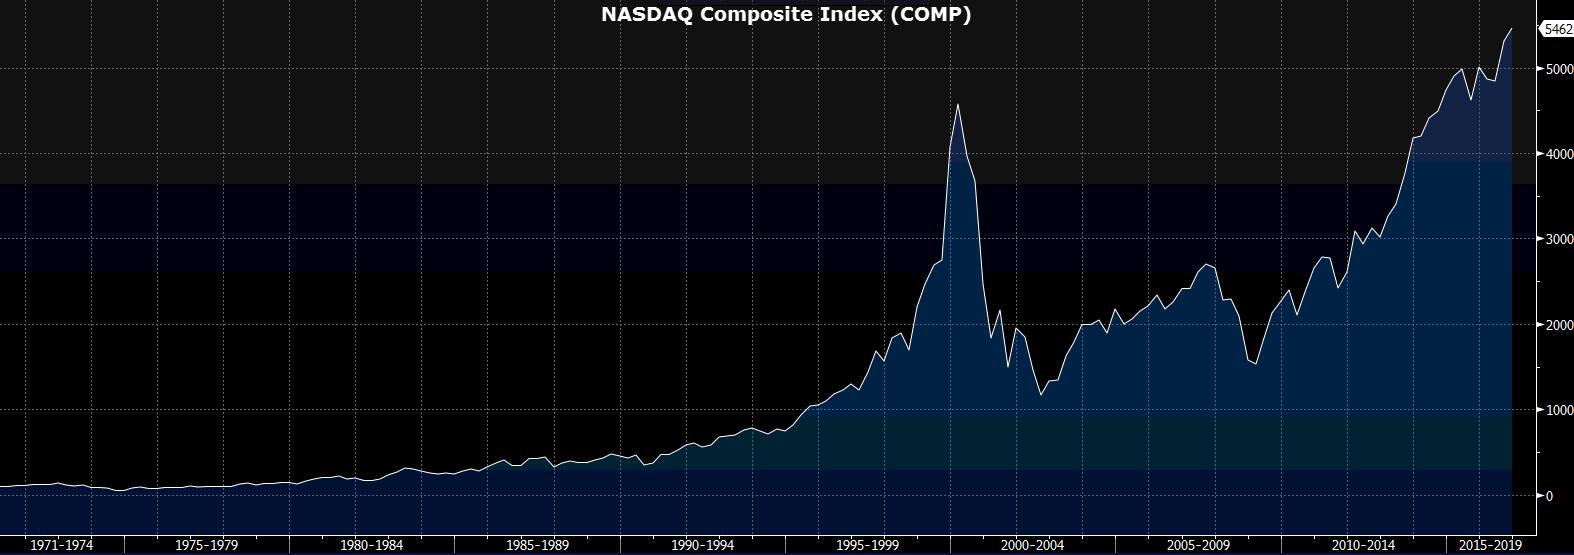 nasdaq composite index koers visueel grafiek 1971-2017